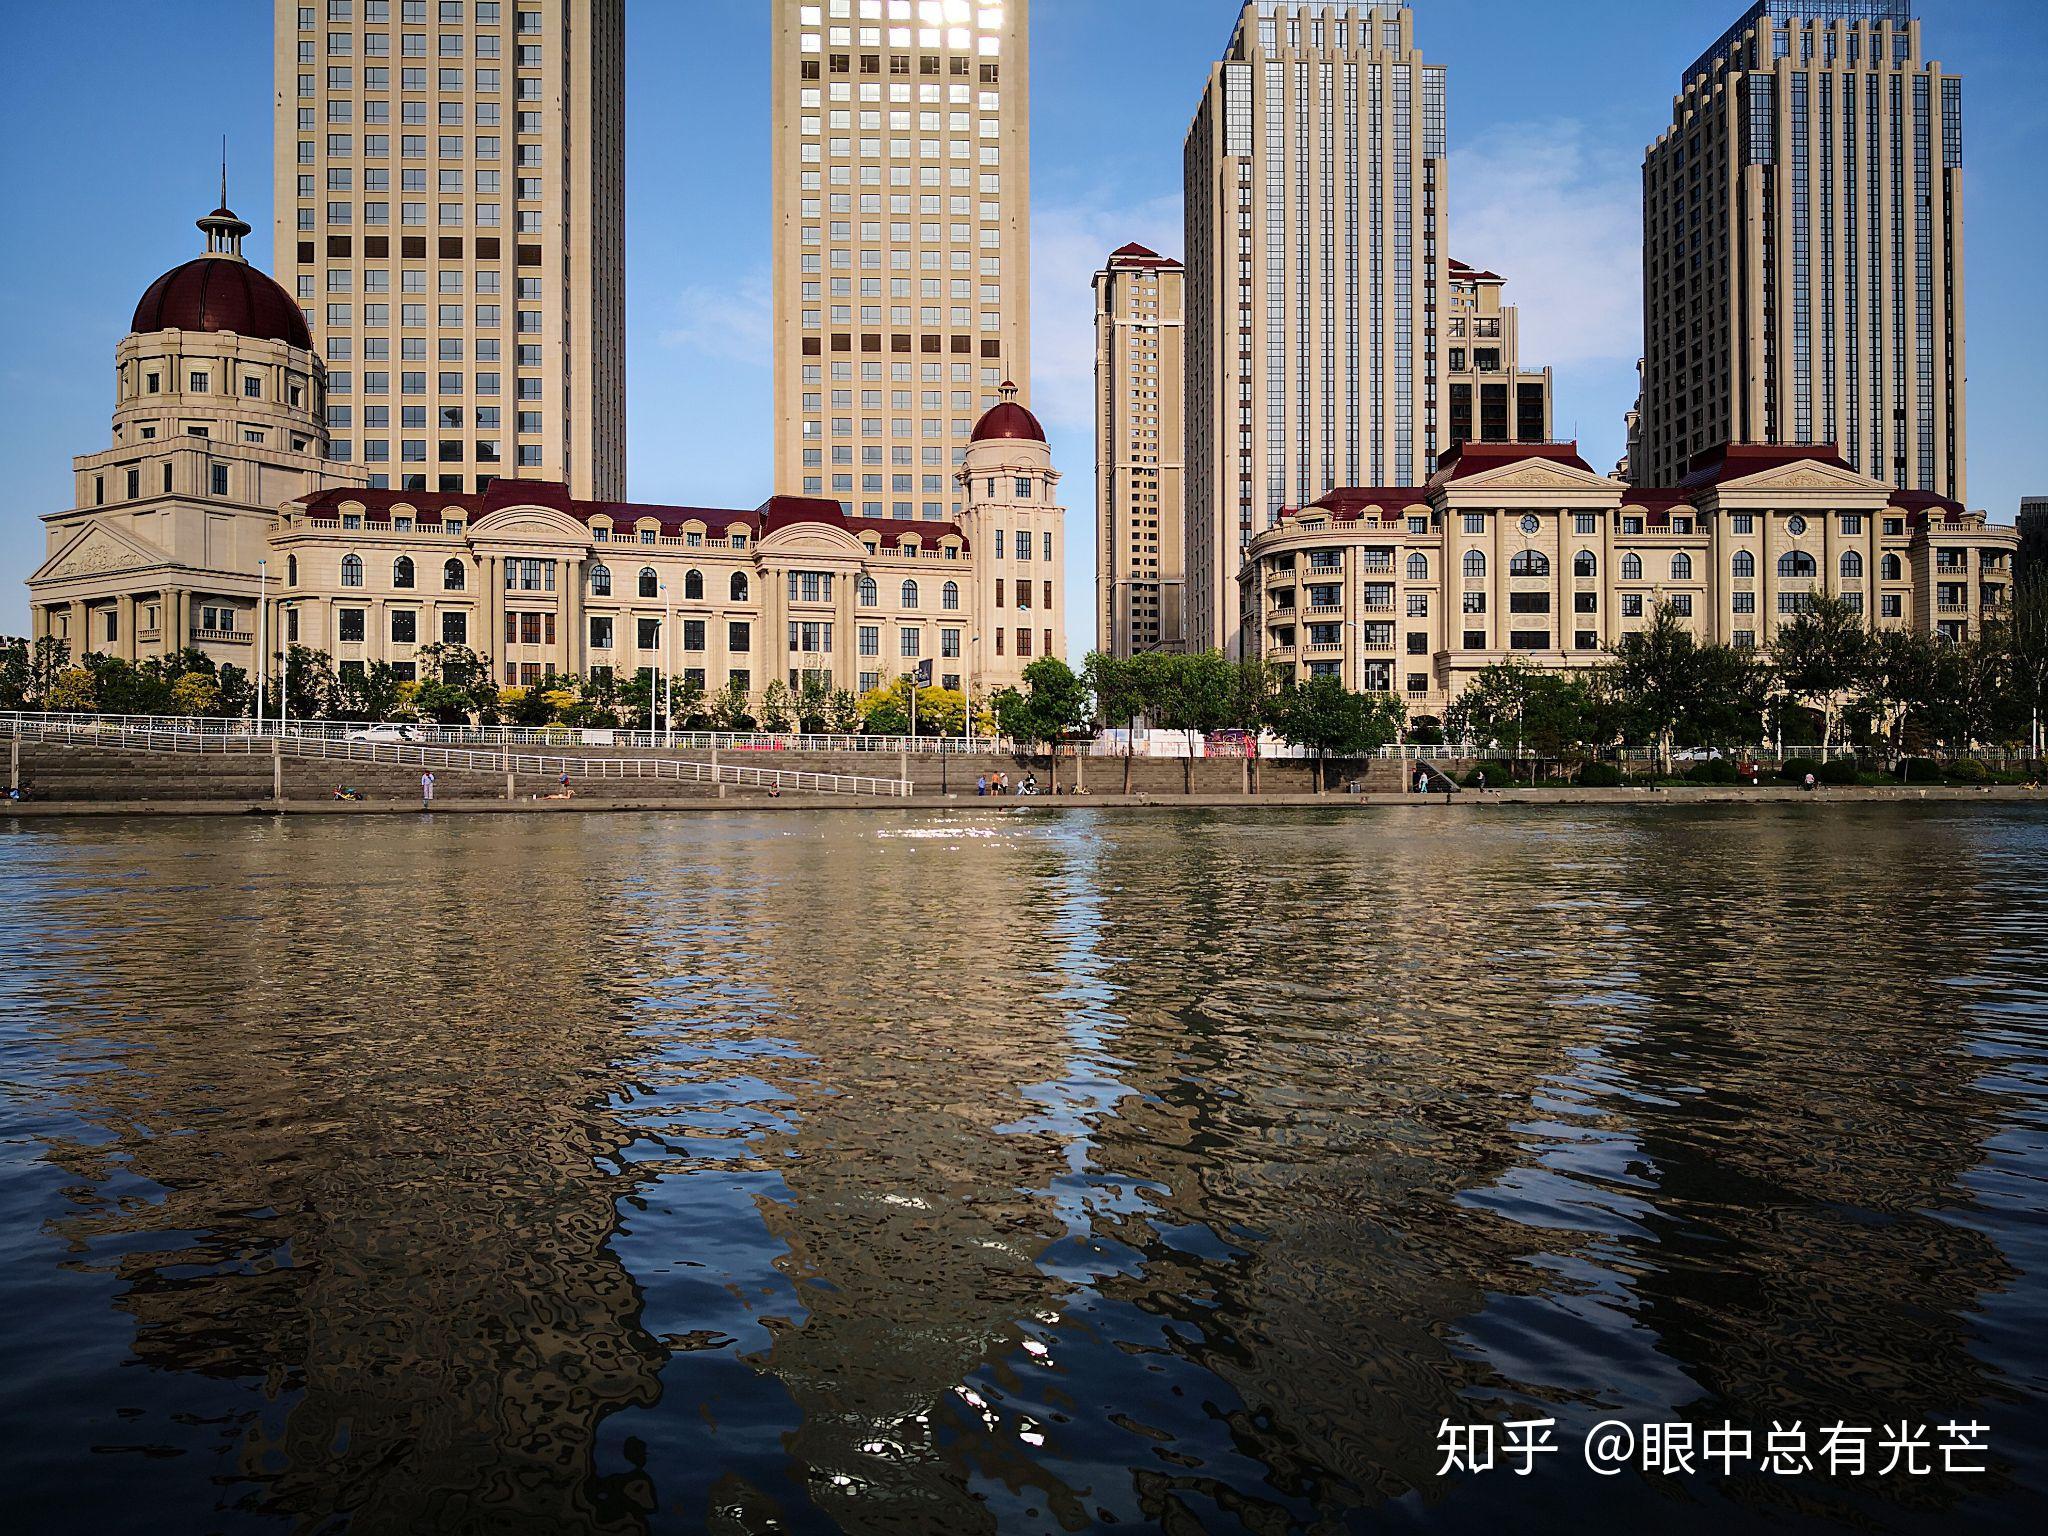 无锡土地_如何评价天津这个城市? - 知乎